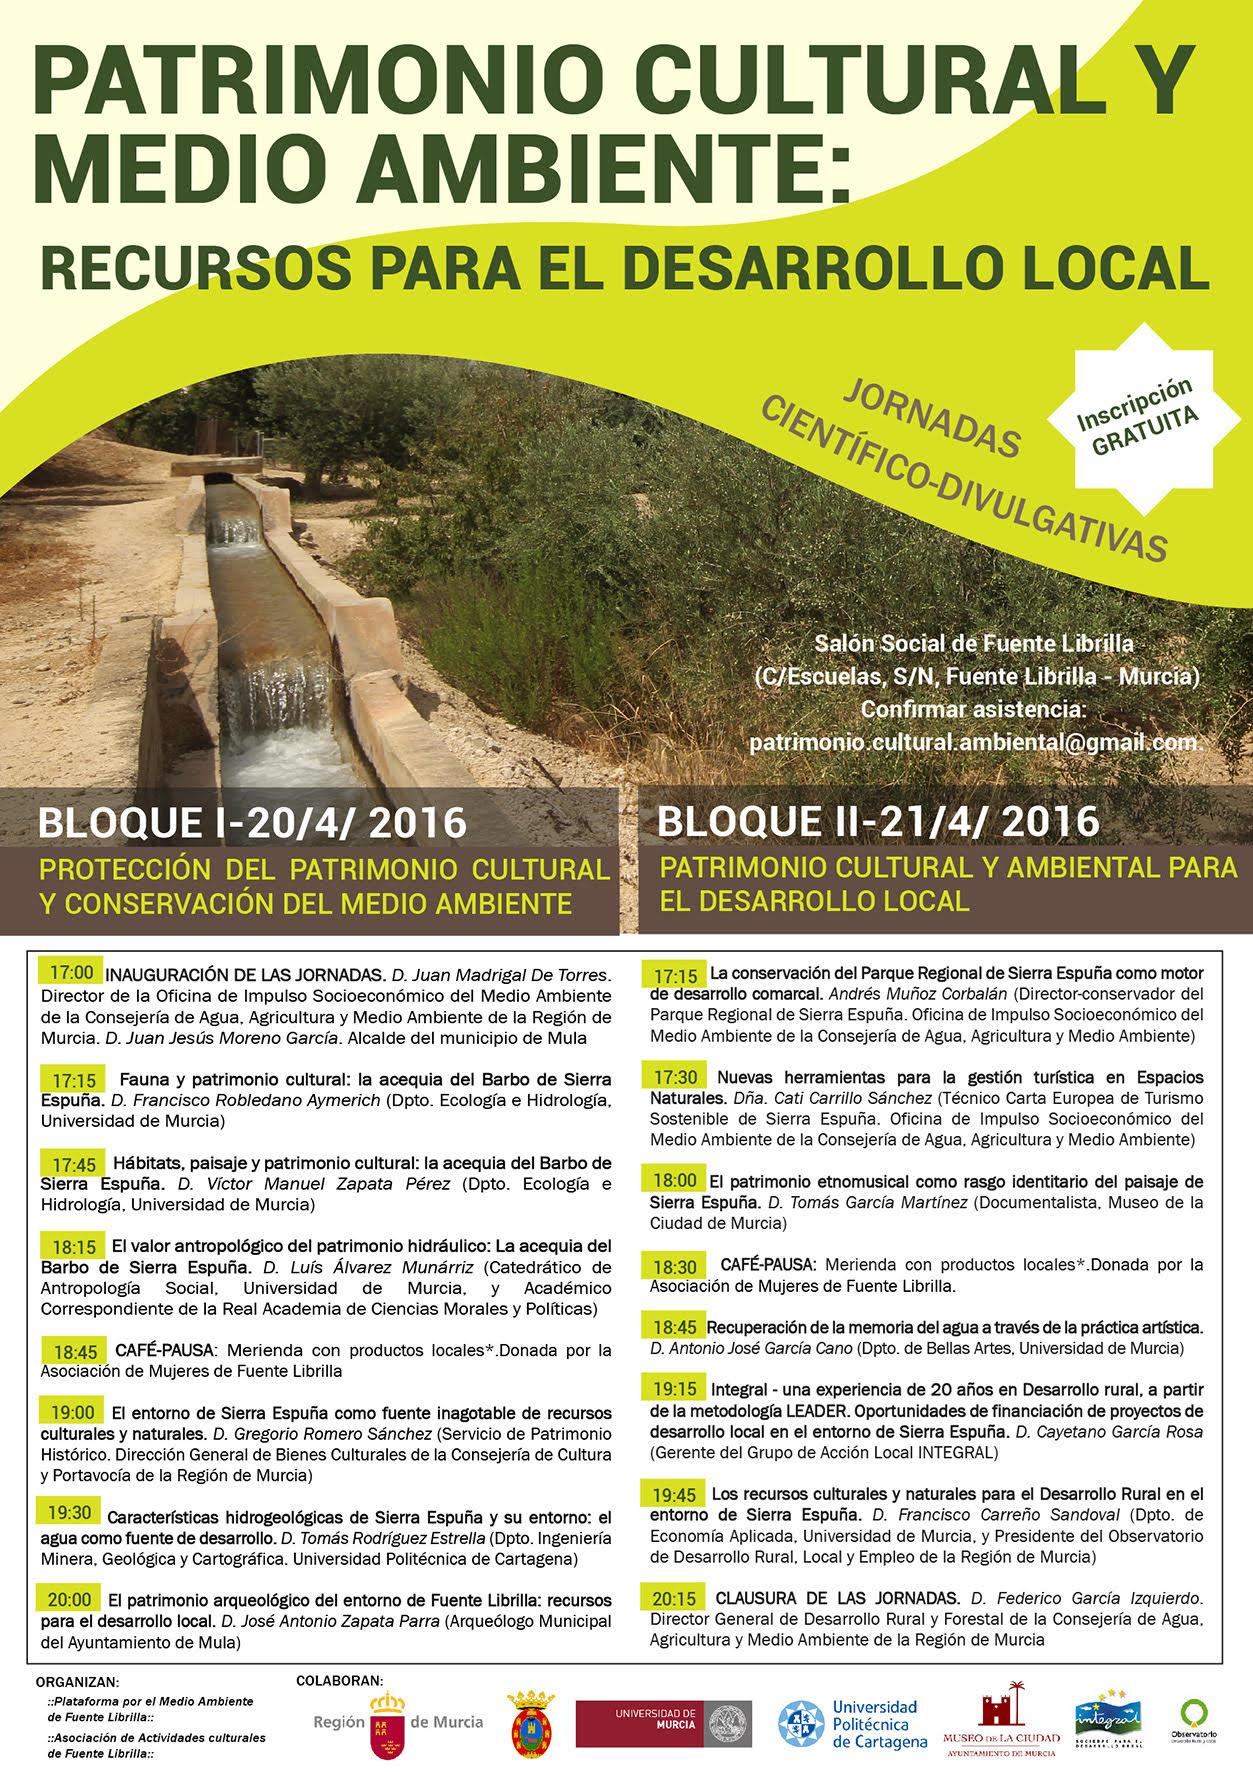 Jornadas científico - divulgativas tituladas 'Patrimonio cultural y medio ambiente: recursos para el desarrollo local'.